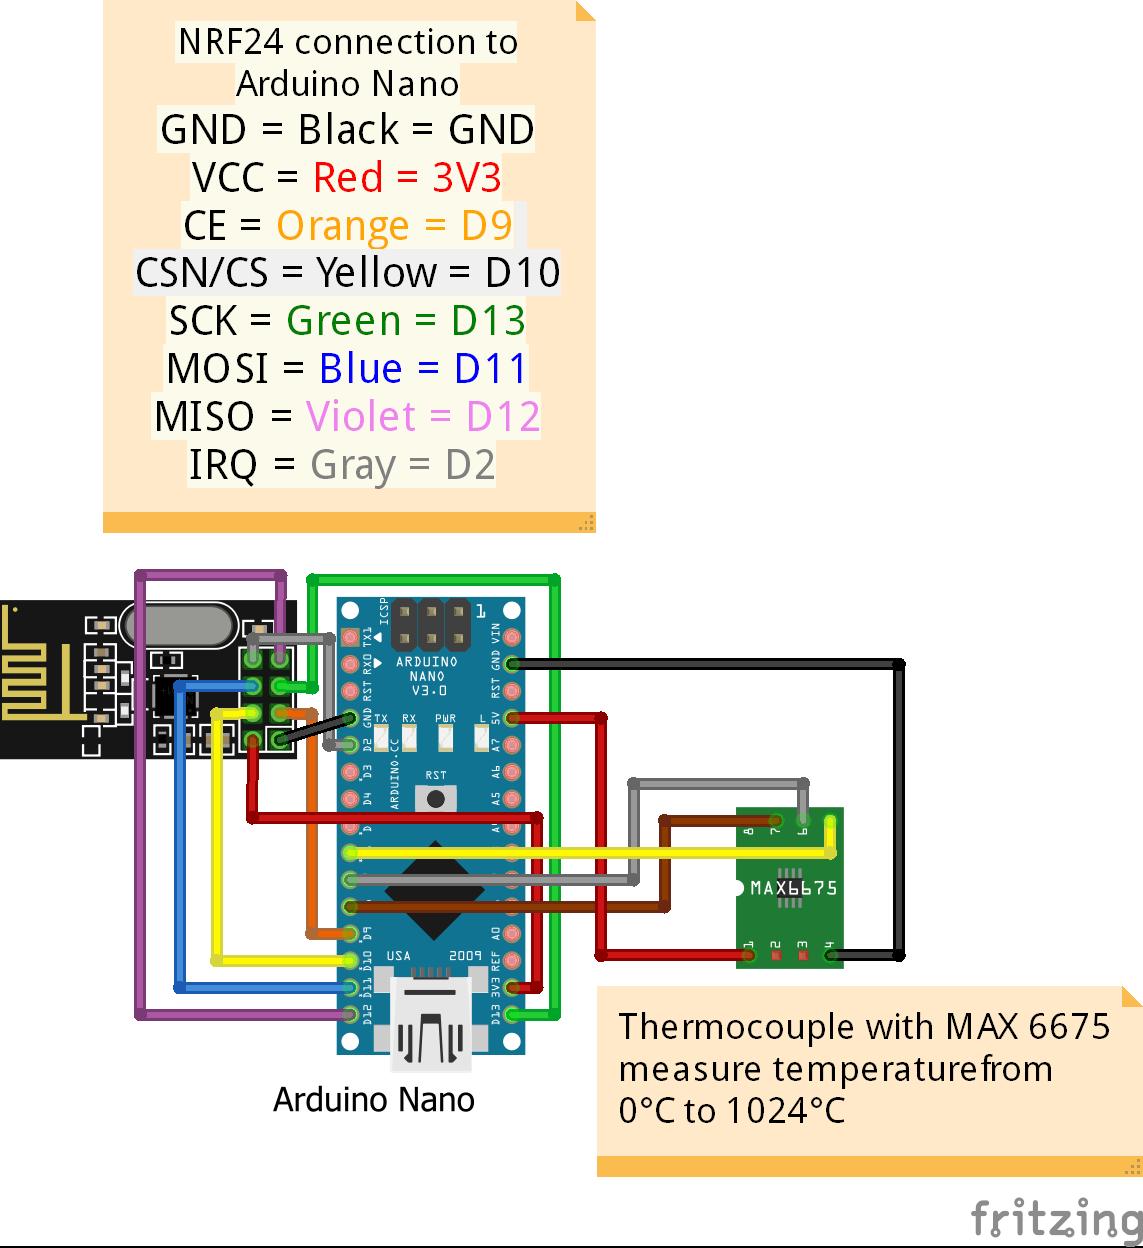 Arduino nano nrf24 thermo  tlk5ku4hqz